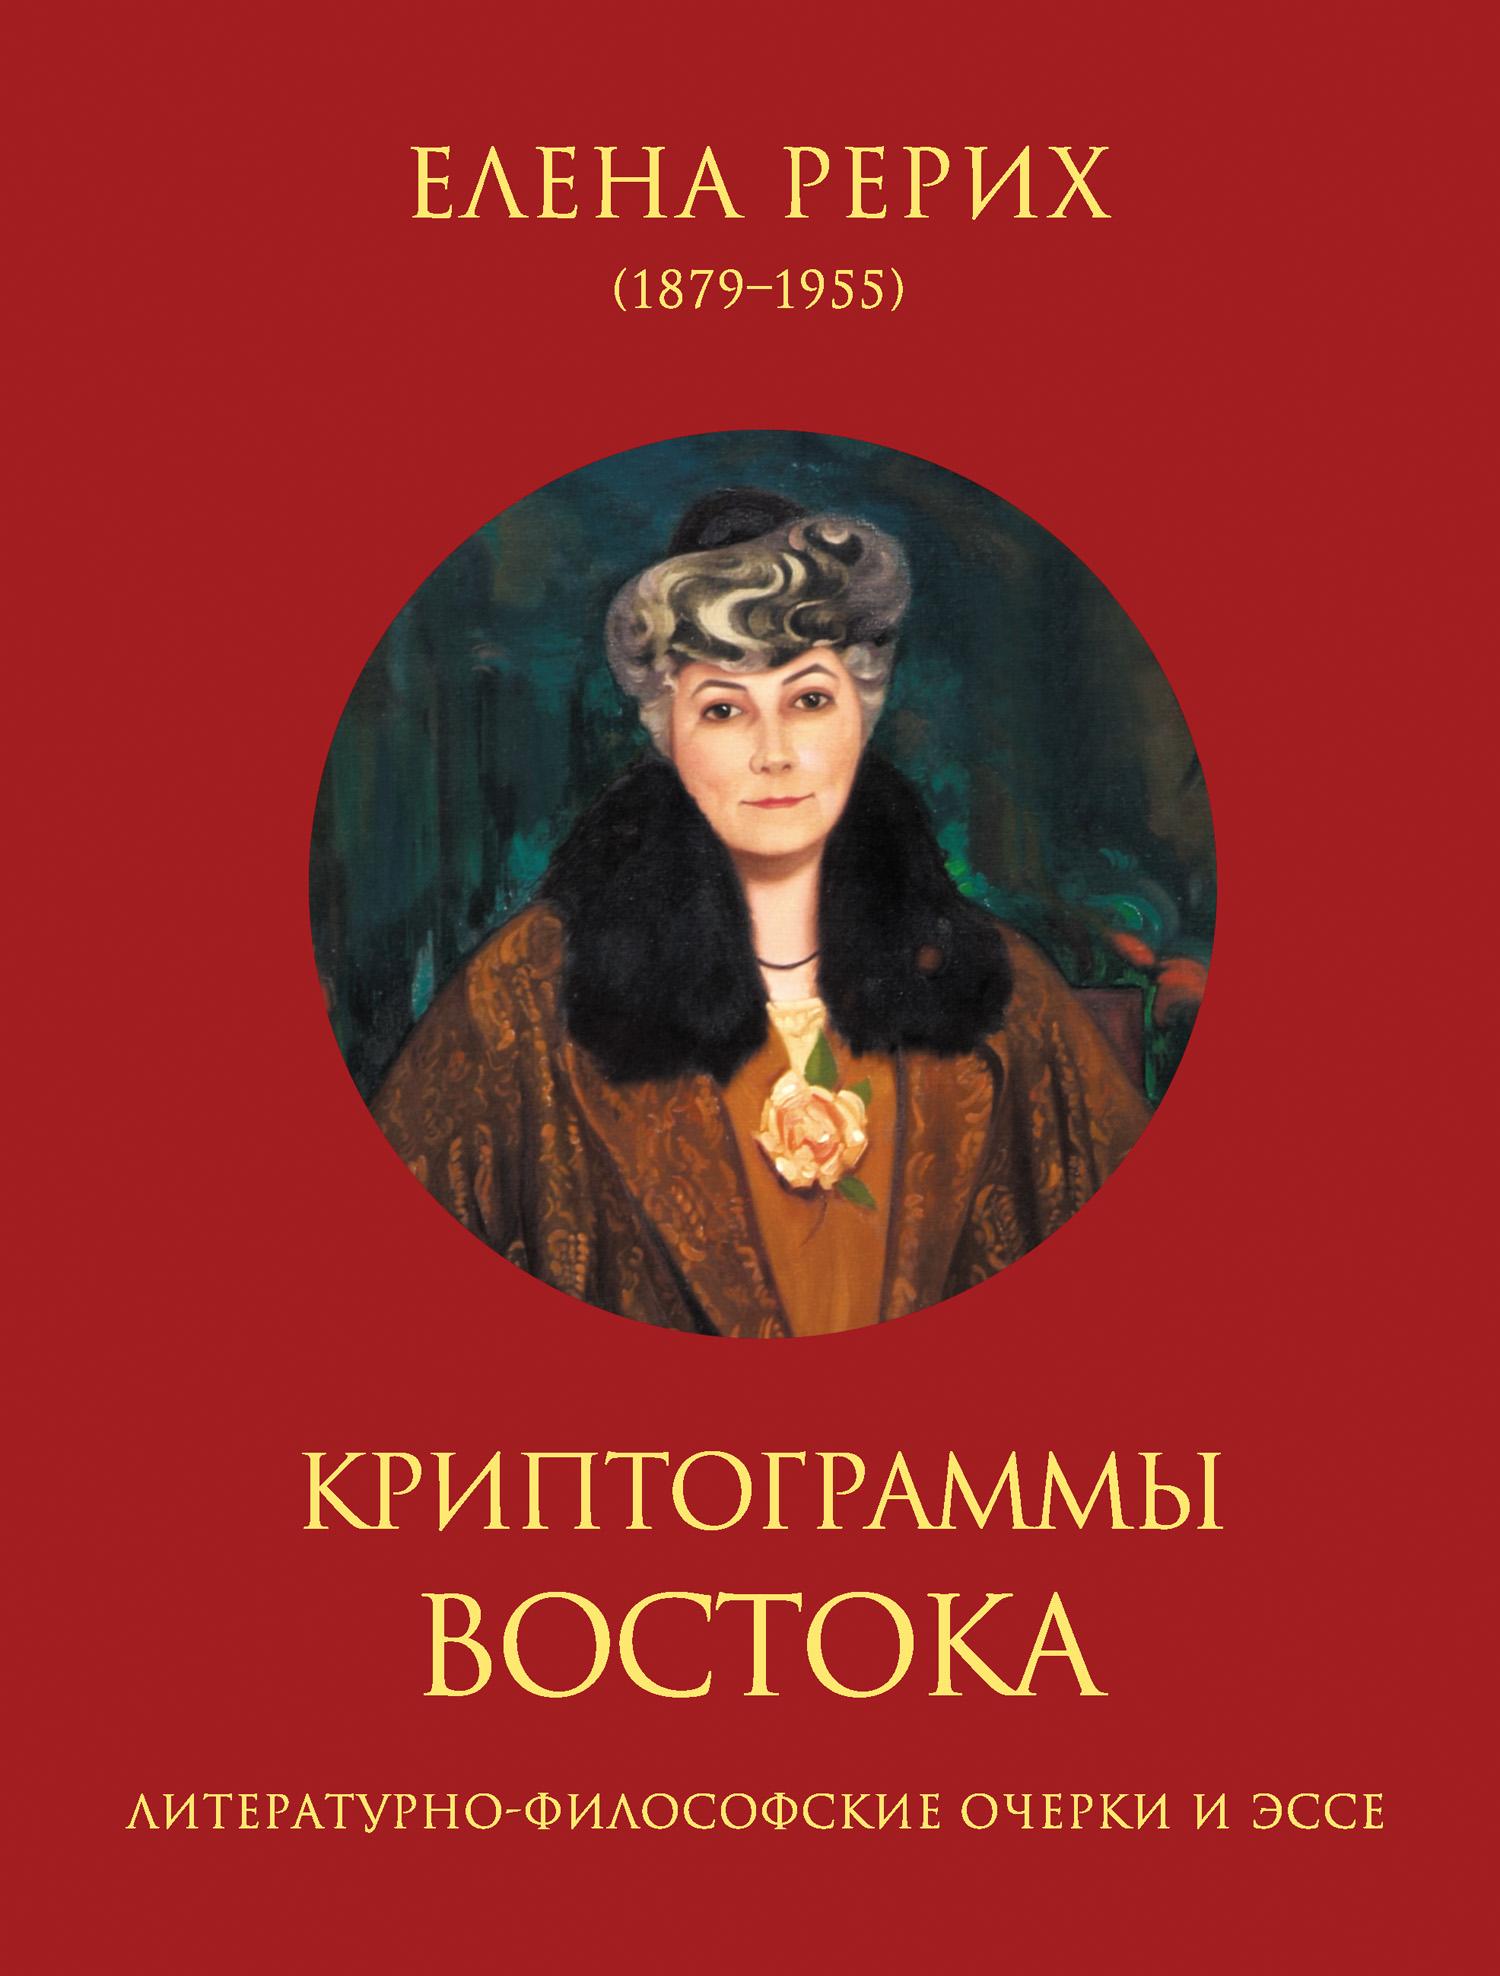 Криптограммы Востока (сборник)